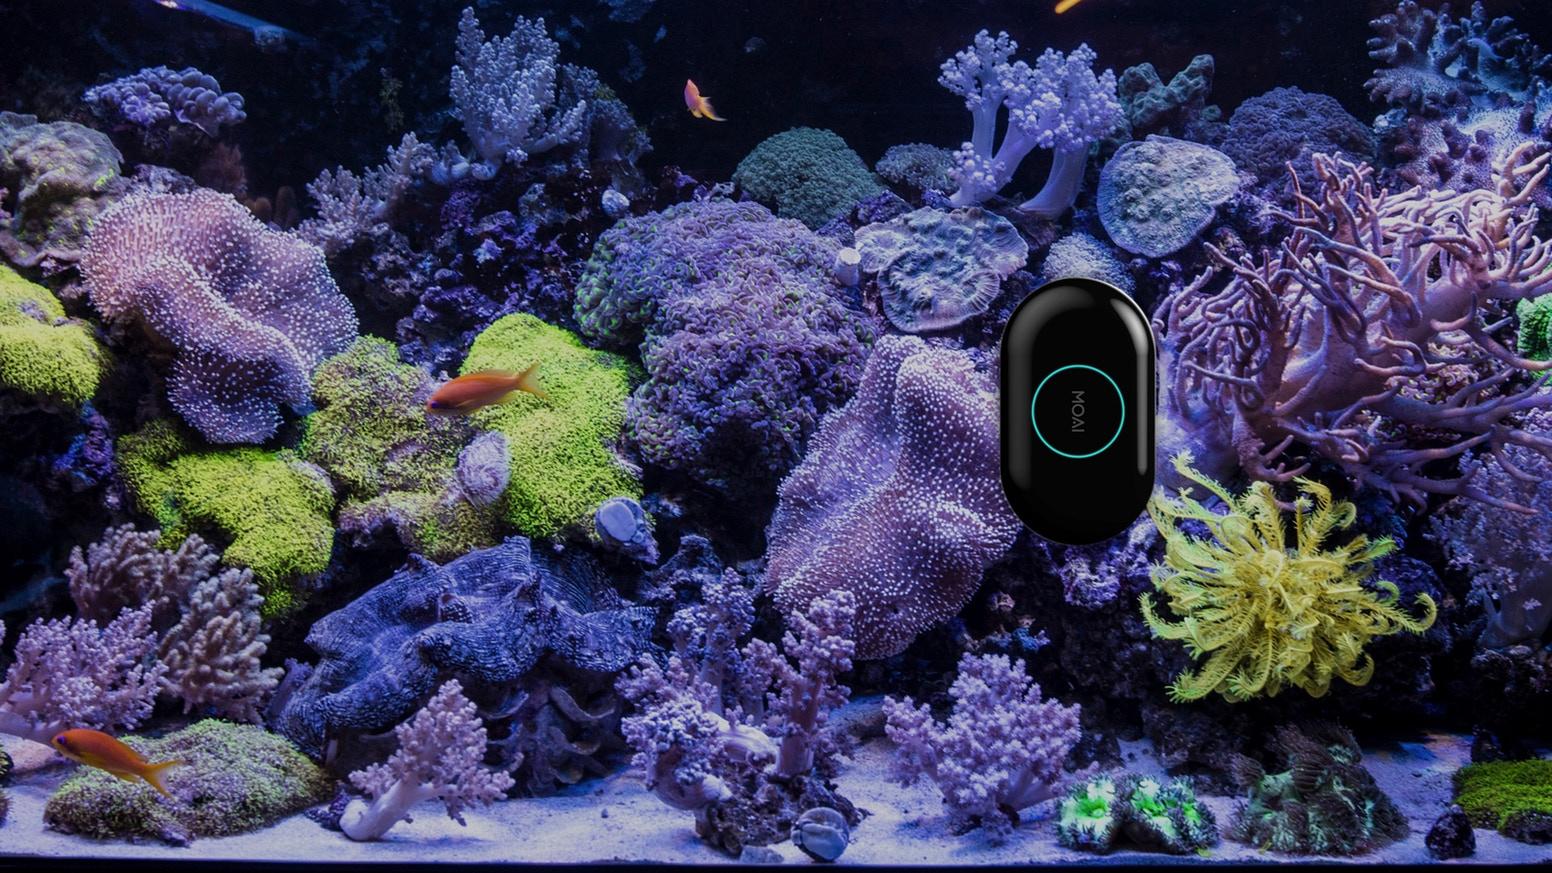 Аквариумный робот MOAI: робот для вашего аквариума